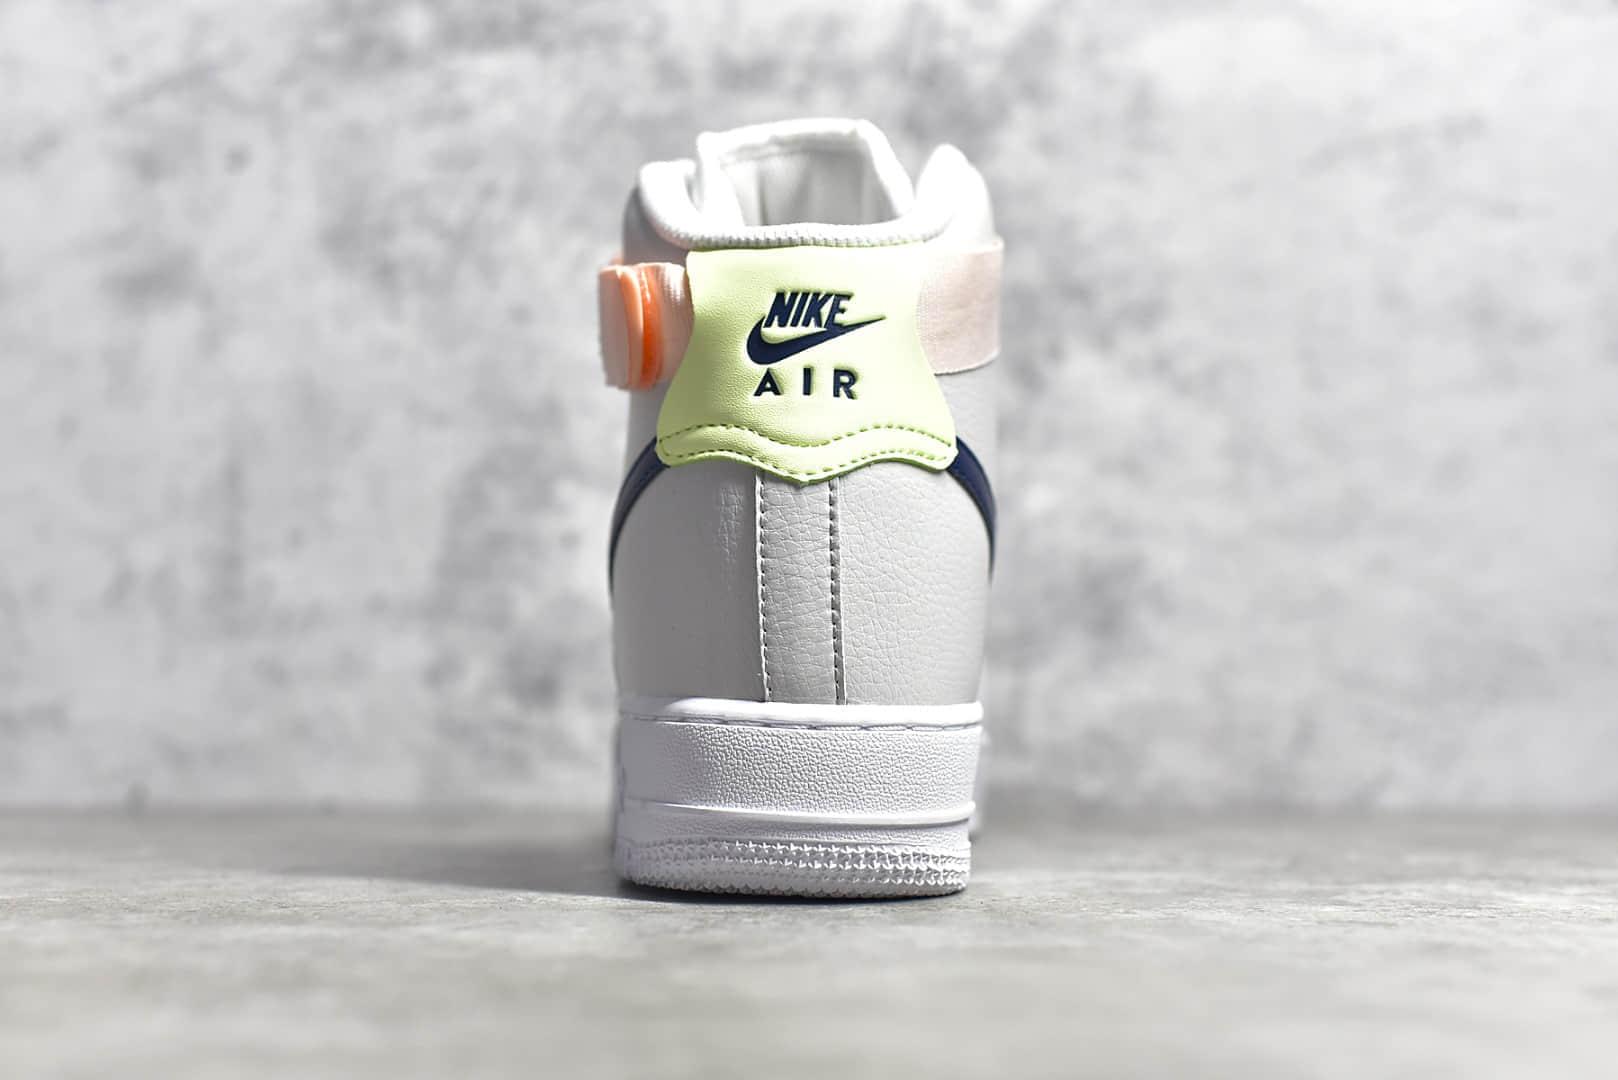 耐克空军白色鞋面深蓝色钩高帮 NIKE Air Force 1 High 耐克空军一号工厂 货号:334031-117-潮流者之家